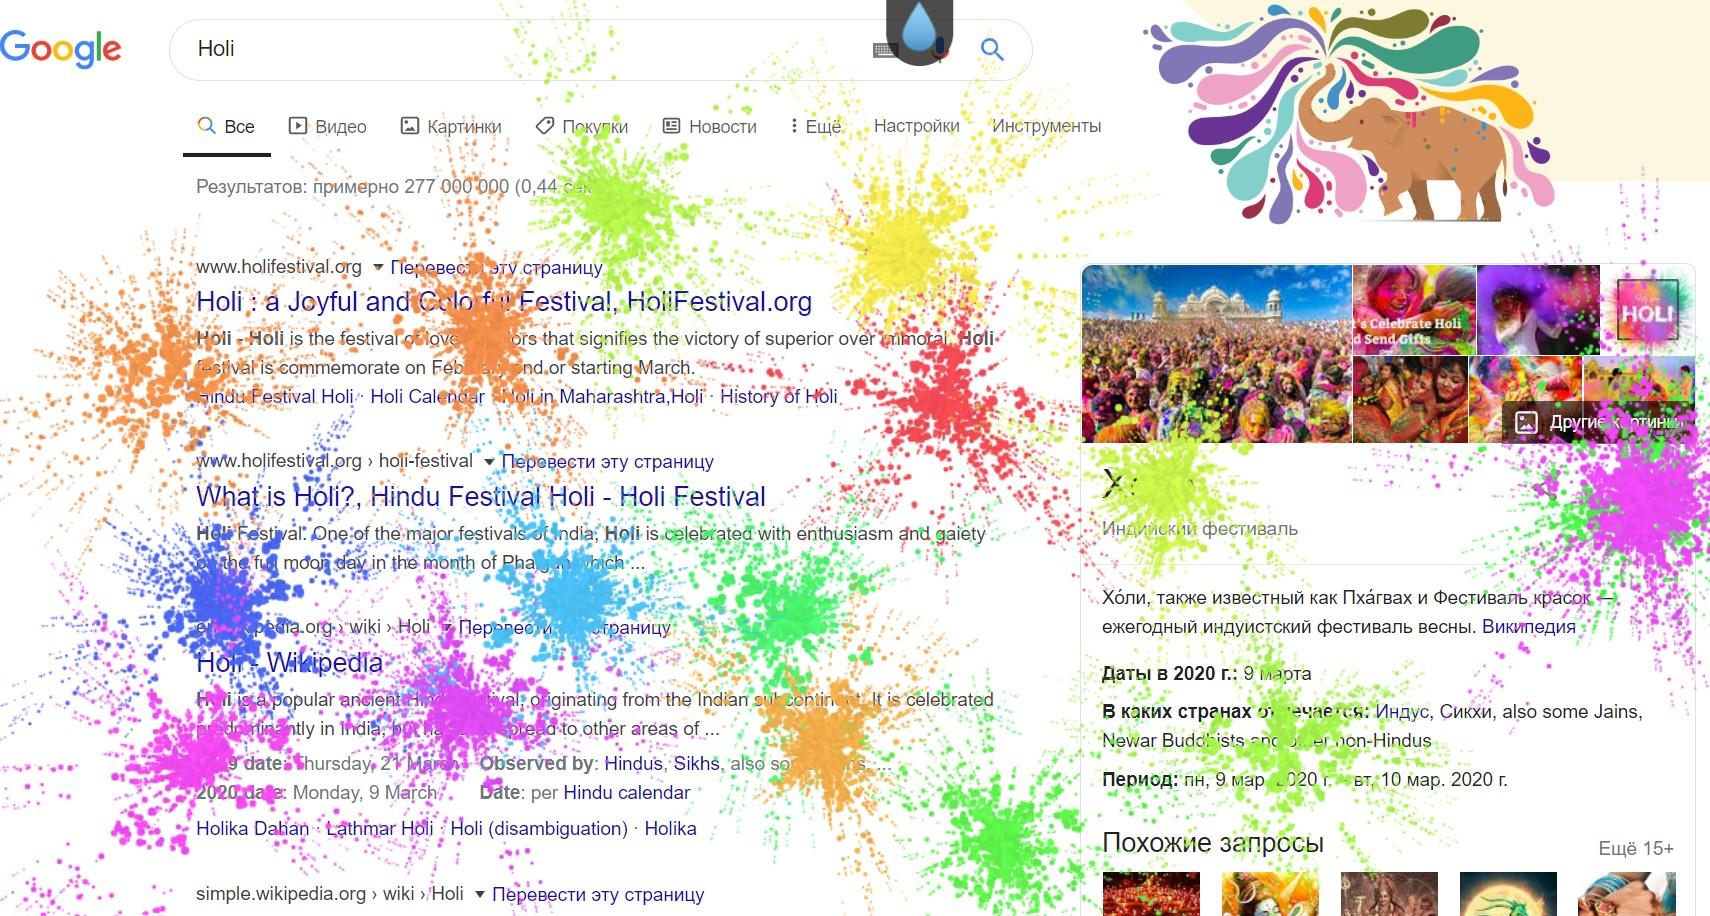 В Google появилась пасхалка в честь фестиваля Холи